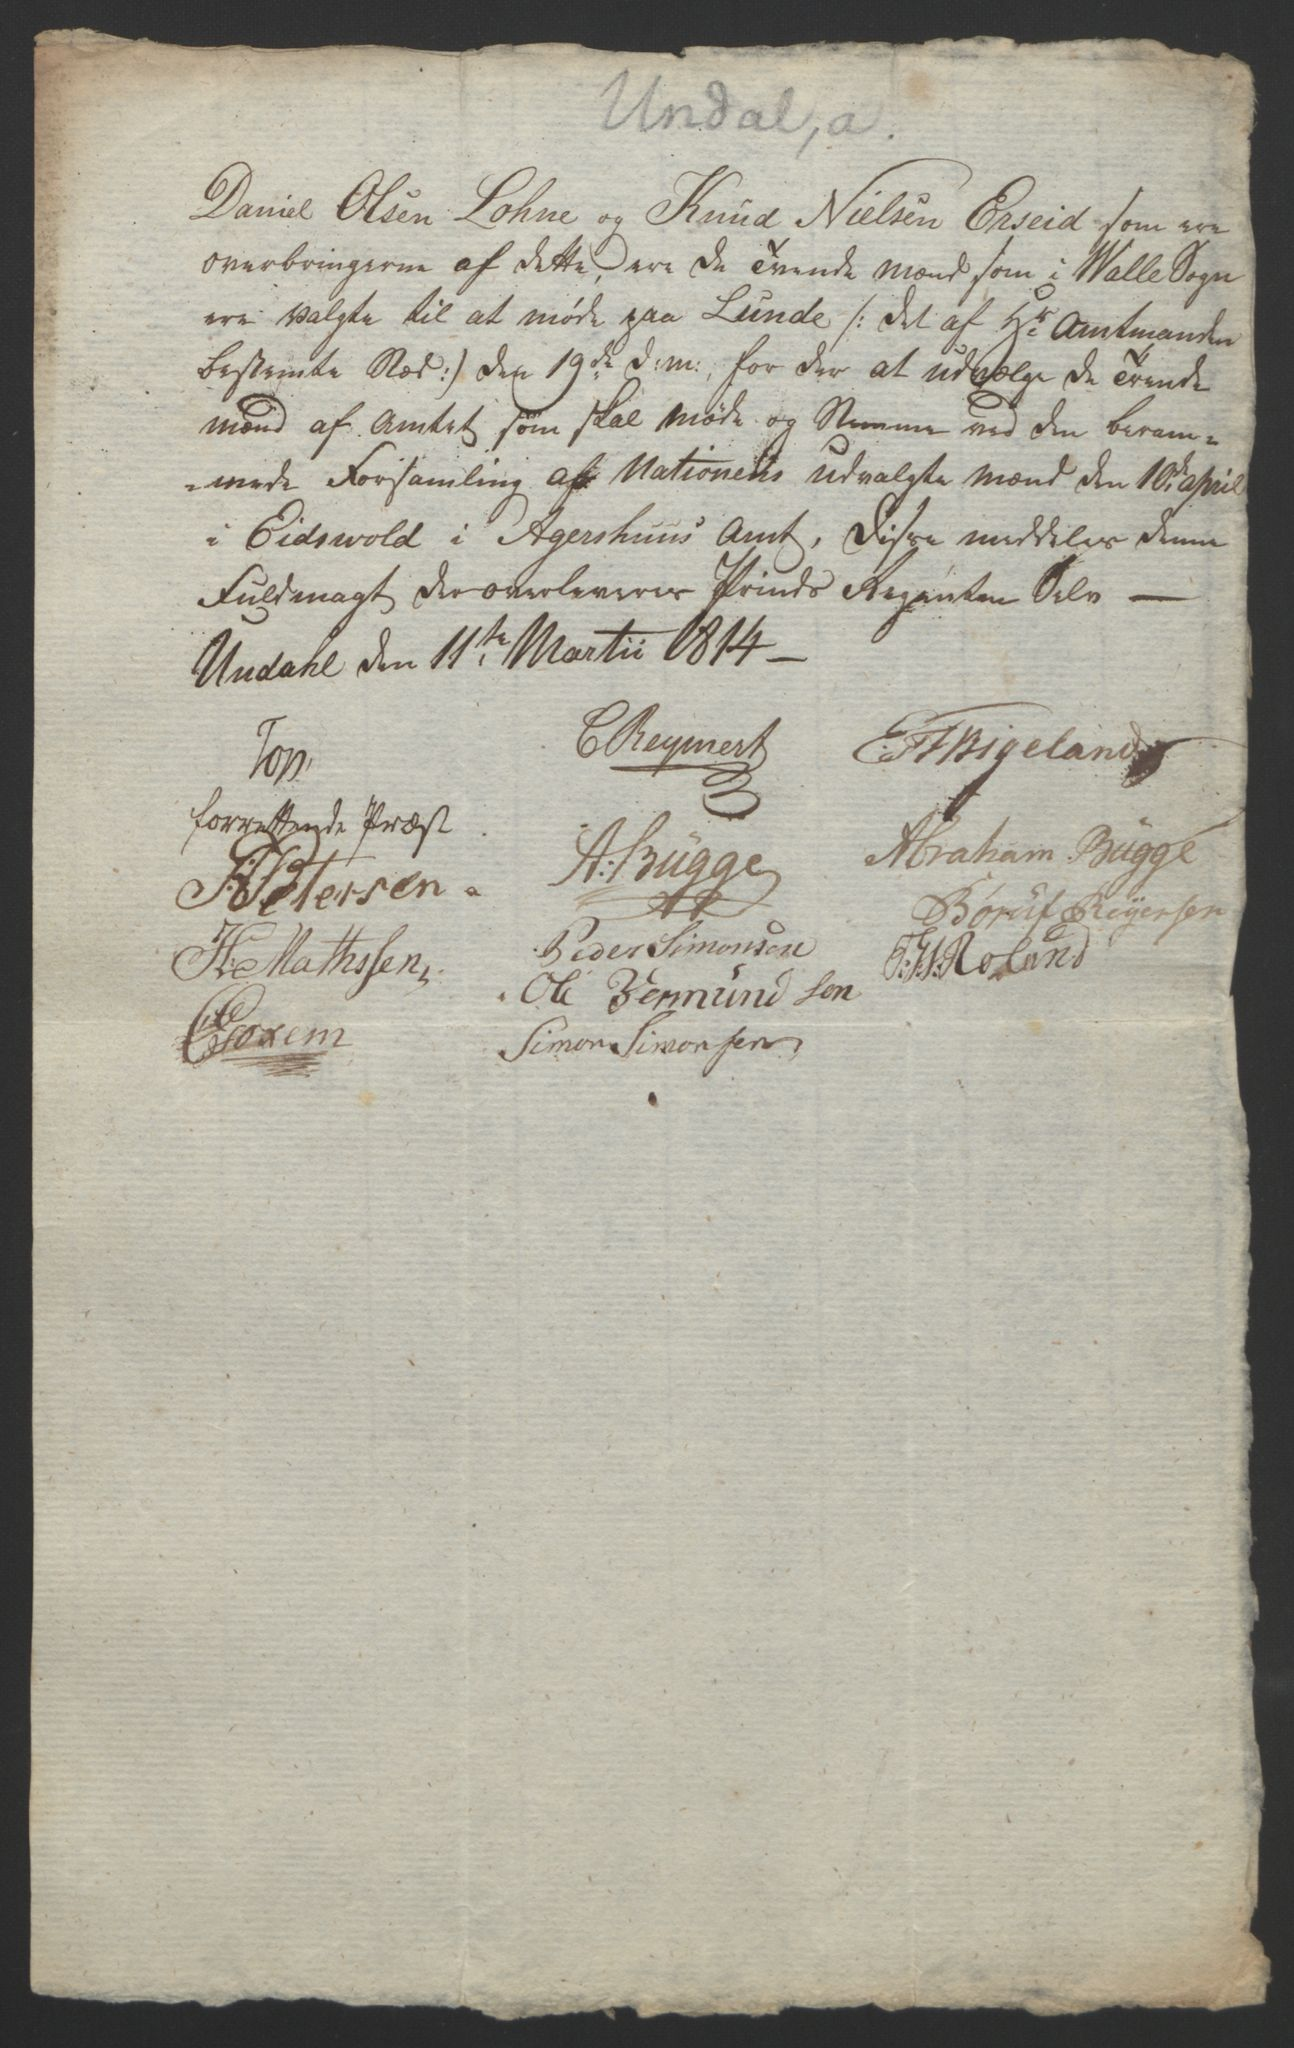 RA, Statsrådssekretariatet, D/Db/L0008: Fullmakter for Eidsvollsrepresentantene i 1814. , 1814, s. 137